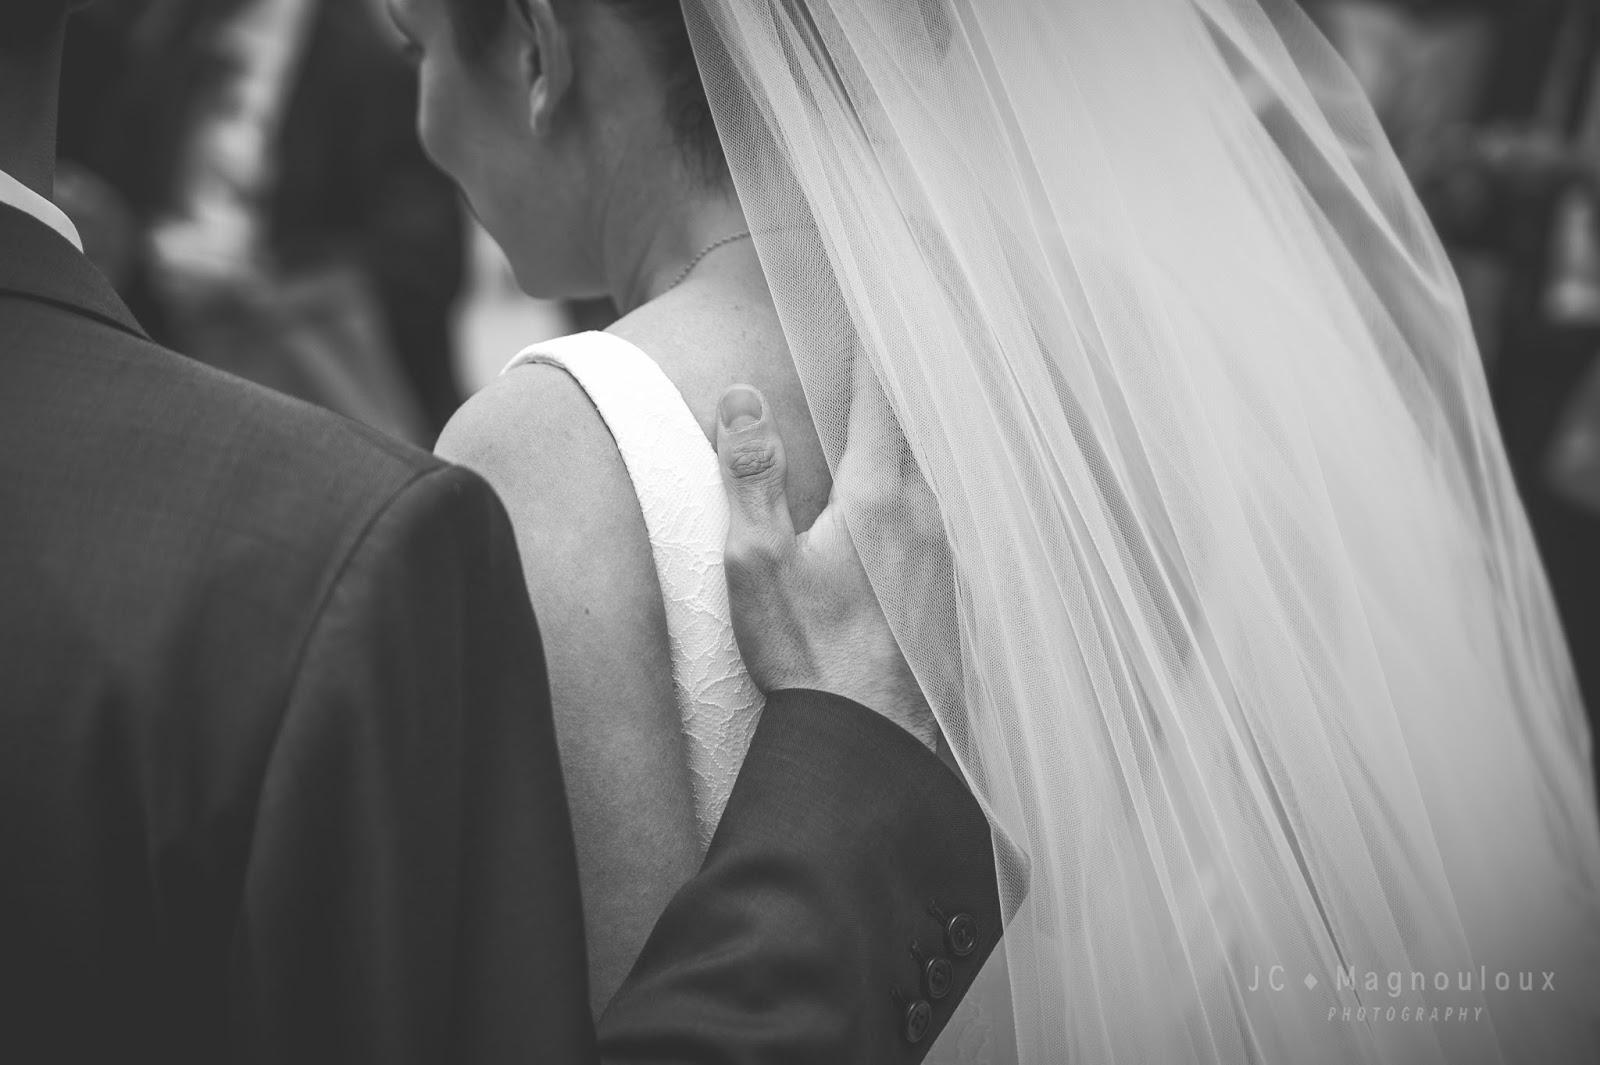 Photographe mariage Lyon Roanne domaine des grands cedres chateau changy cordelle X-PRO2